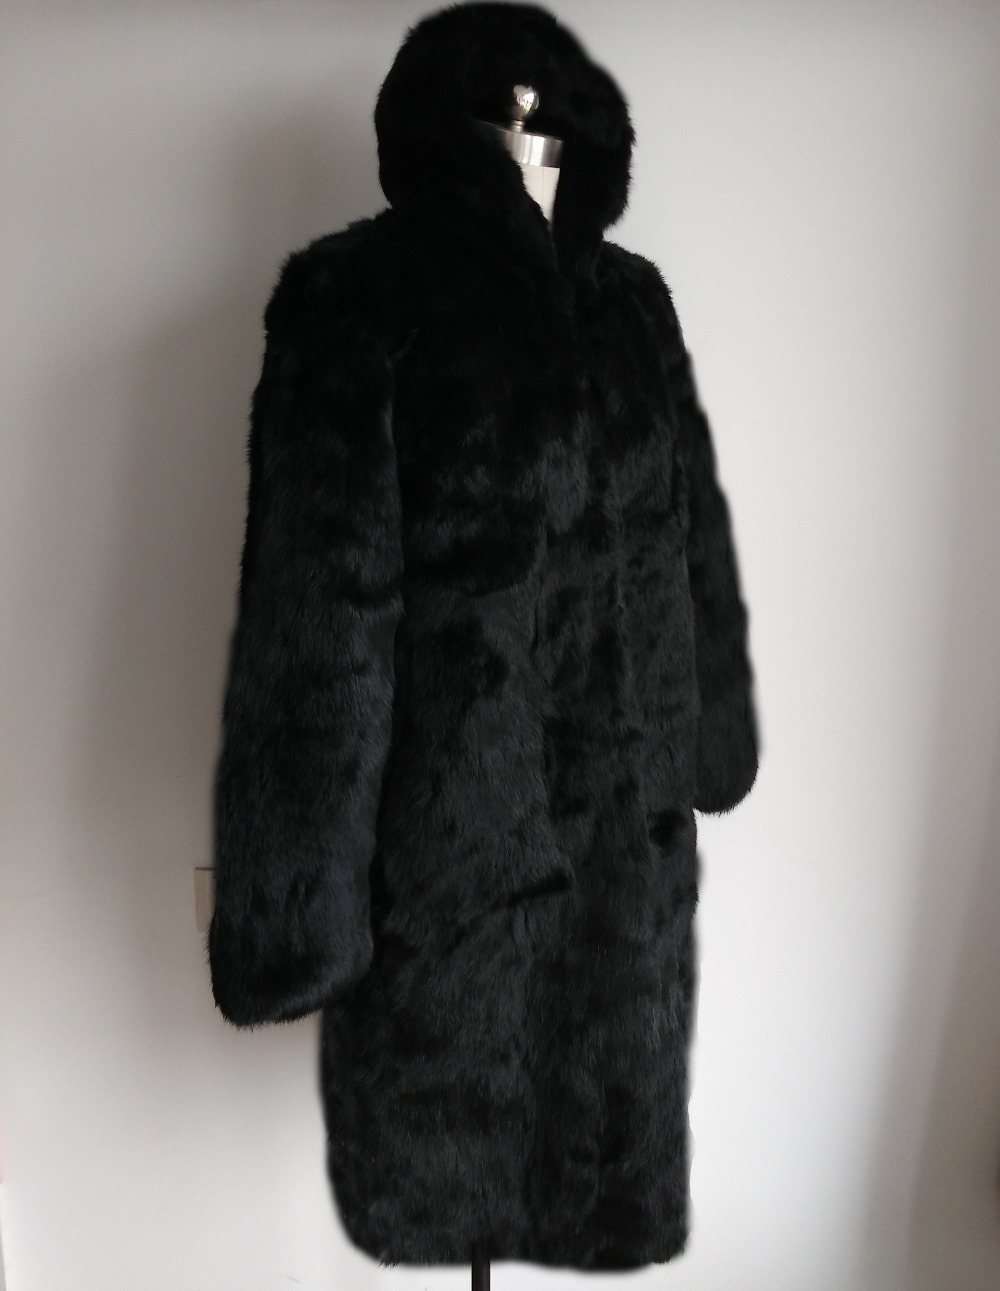 Pour 100 Long Complet Pelt Femmes Fourrure X Lapin Réel Capuchon Usine Sr84 Avec Gros Manteau Naturel Oem Prix De x7xp1